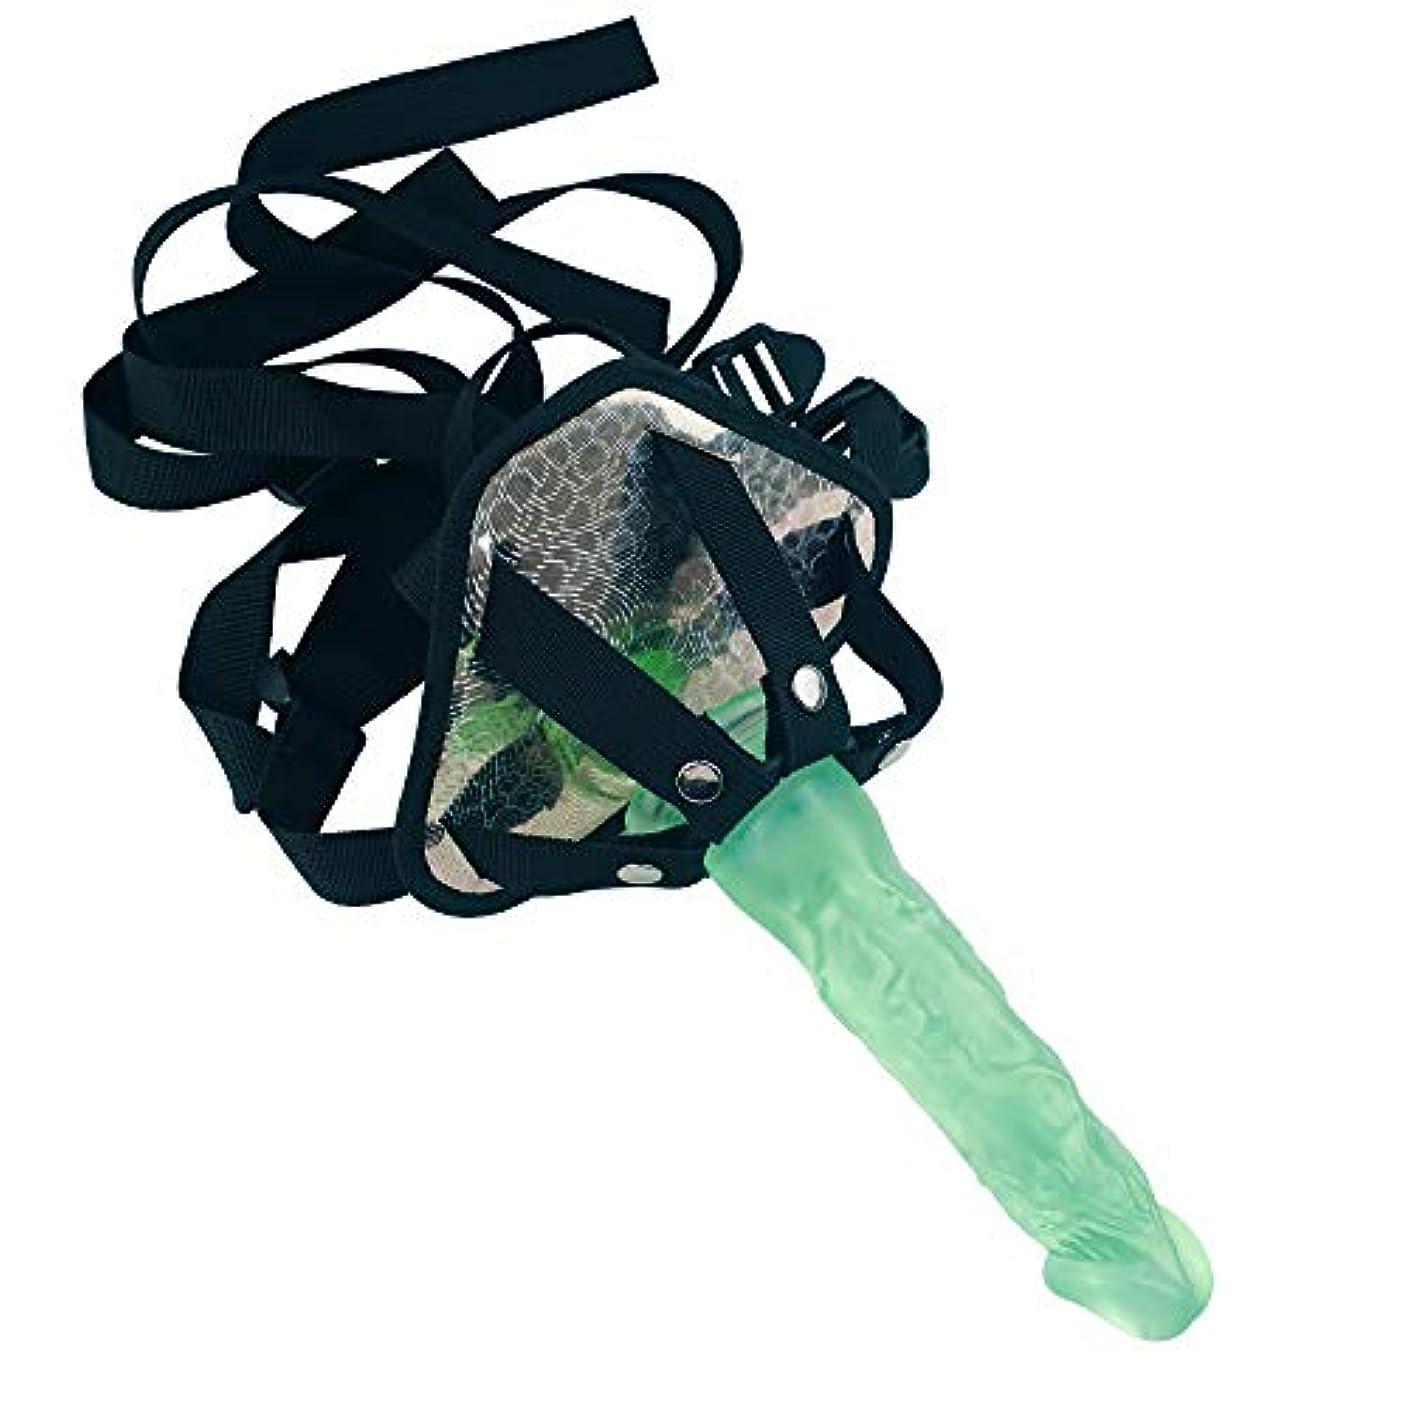 動機プロペラダウンタウン柔らかく快適な道具を着用してください-緑-xinxuruma11.22